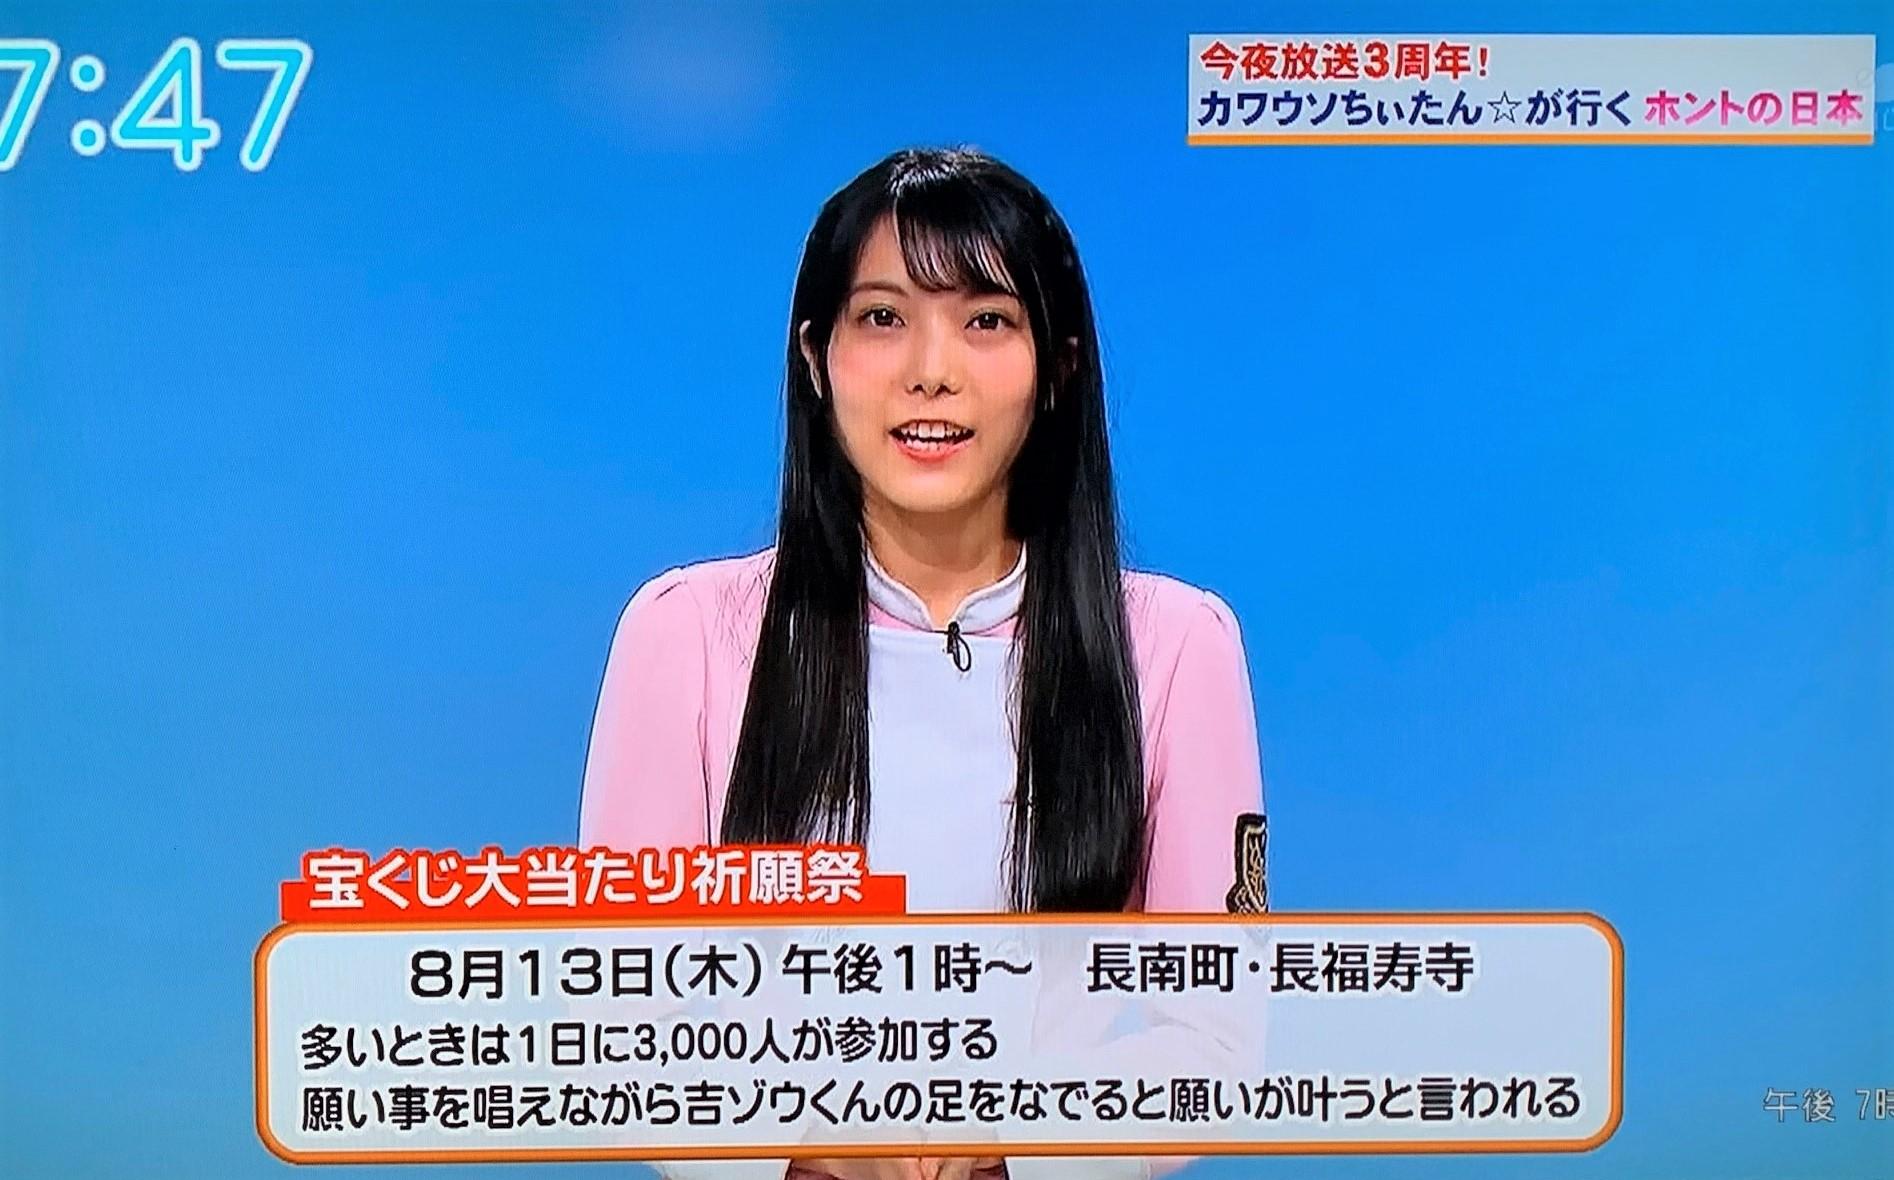 「千葉テレビ」シャキット!で「長福寿寺」が放映されました!